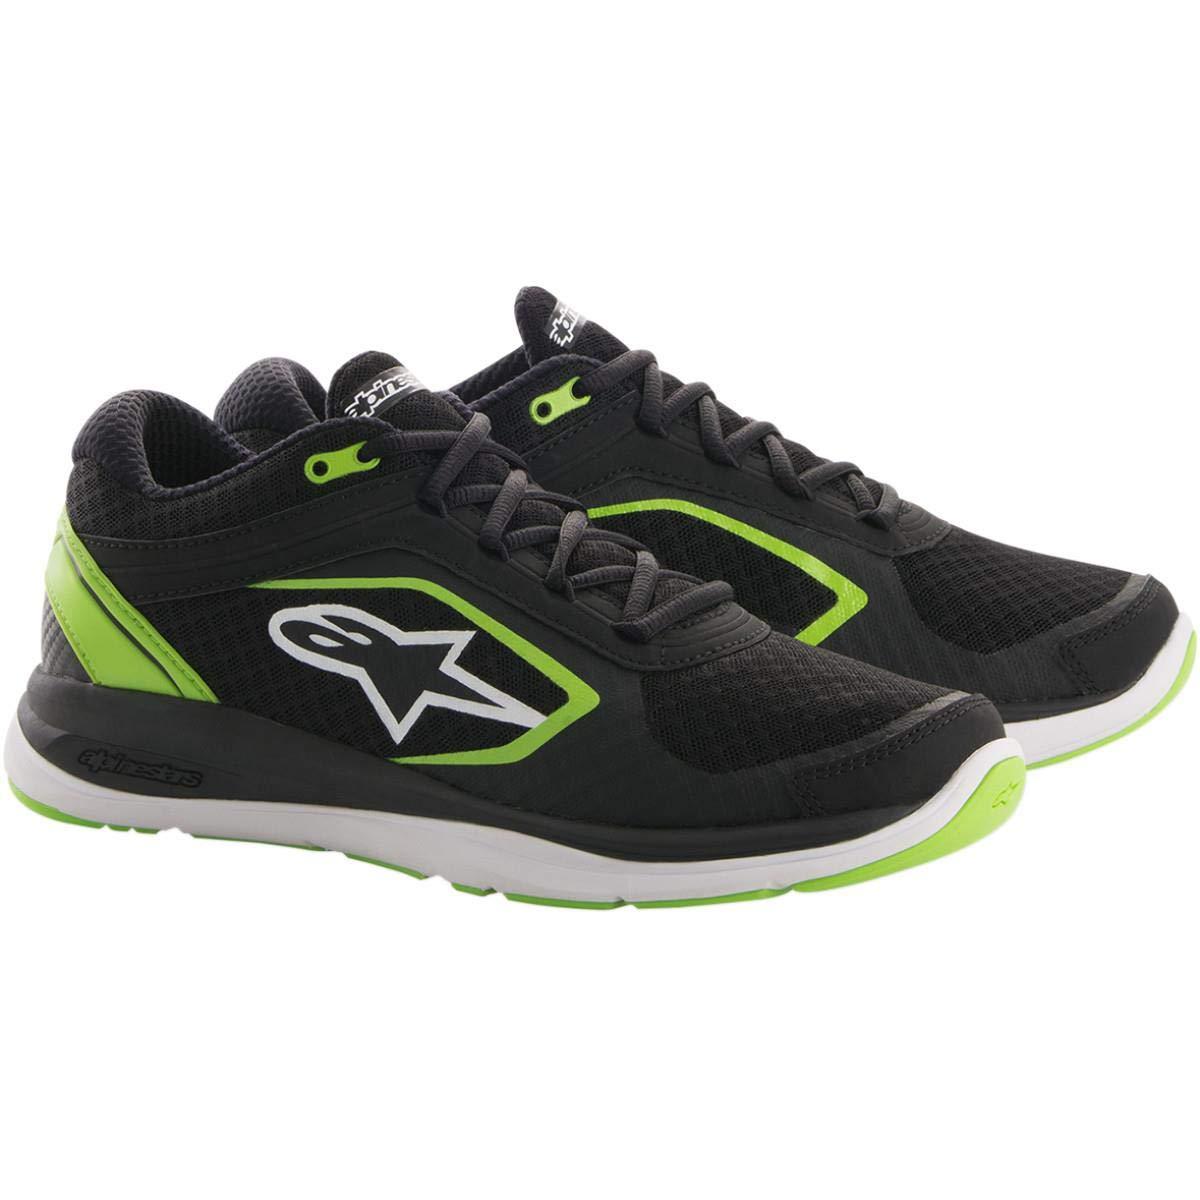 Alpinestars合金スポーツカジュアル靴ブラック/グリーンメンズサイズ12 B076HDQB12